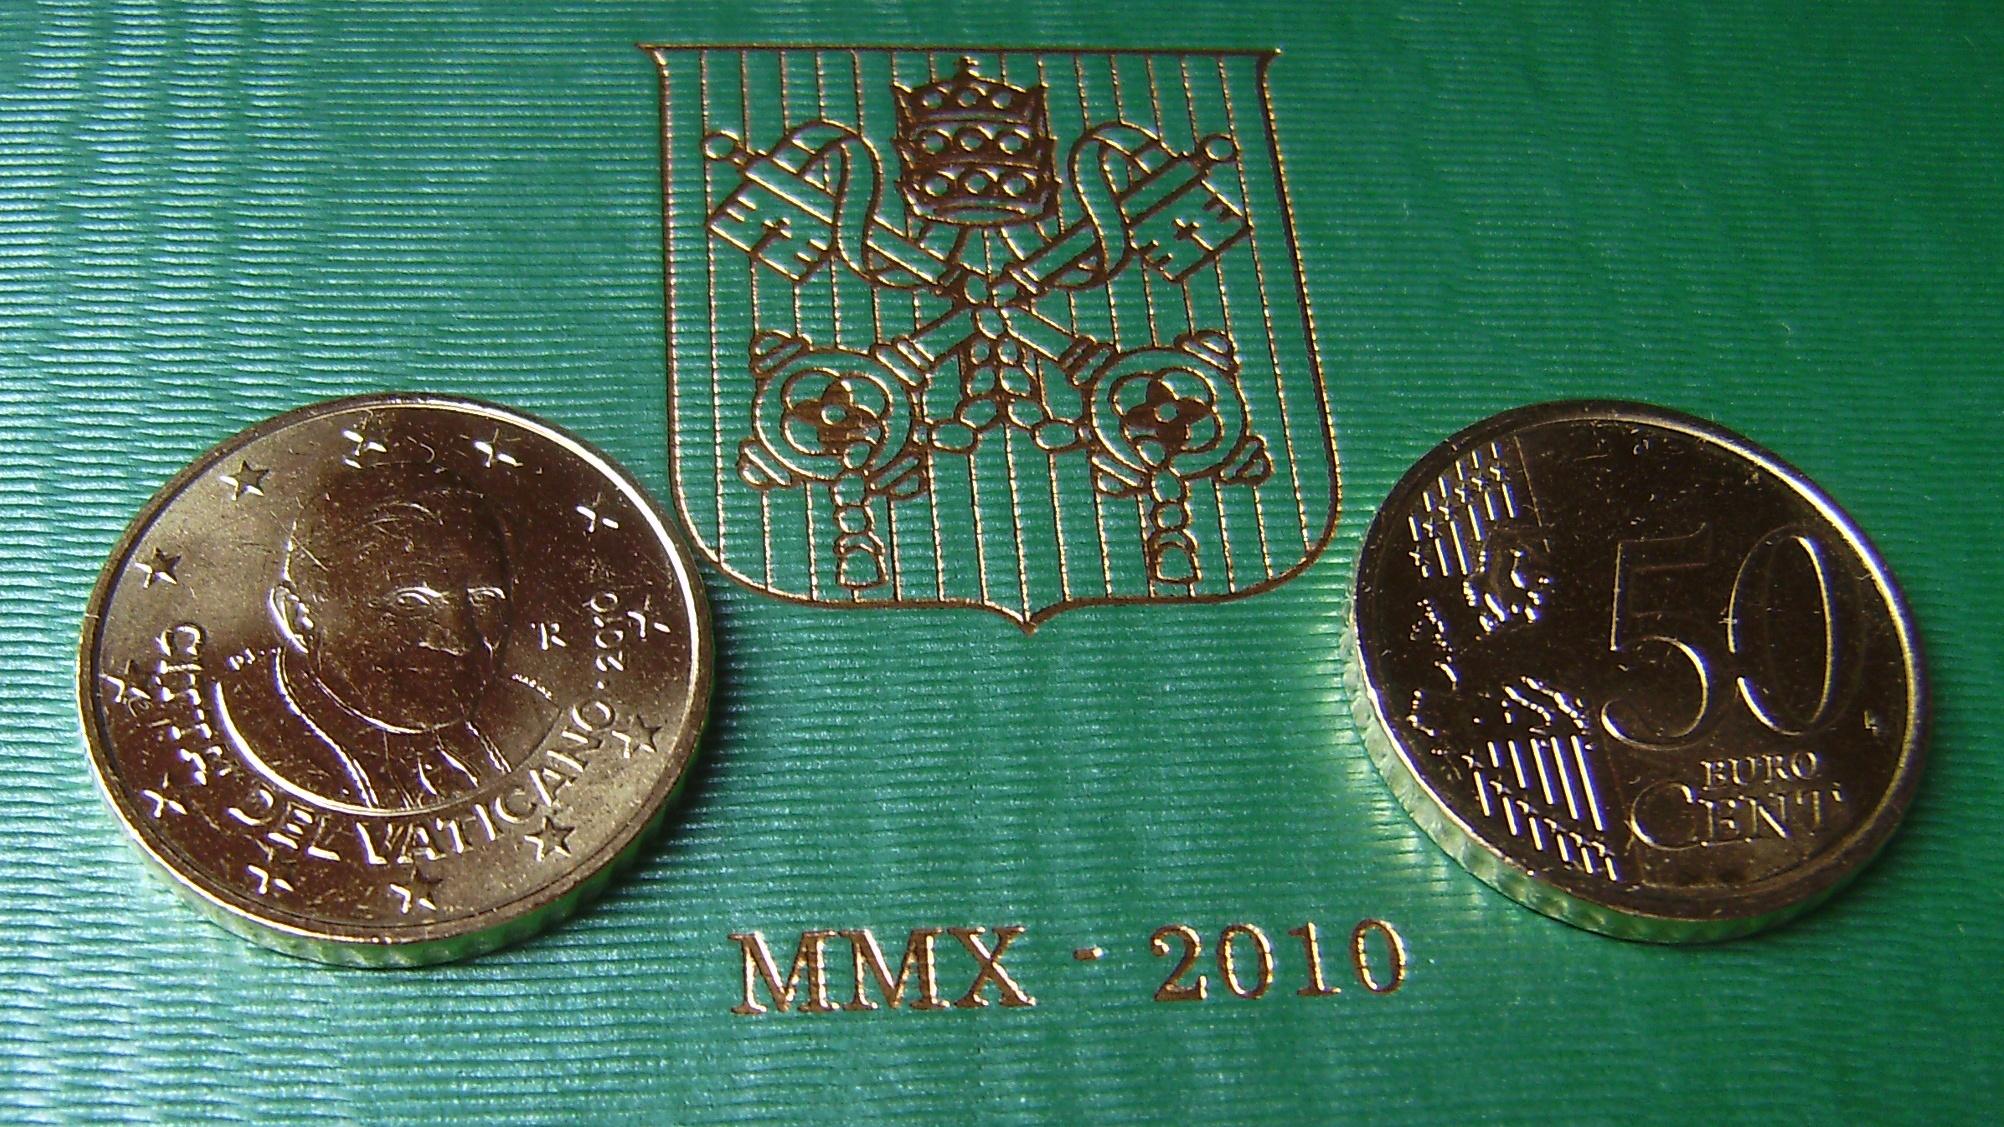 50 Euro Cent Kursmünze Vatikan 2010 Papst Benedikt Xvi